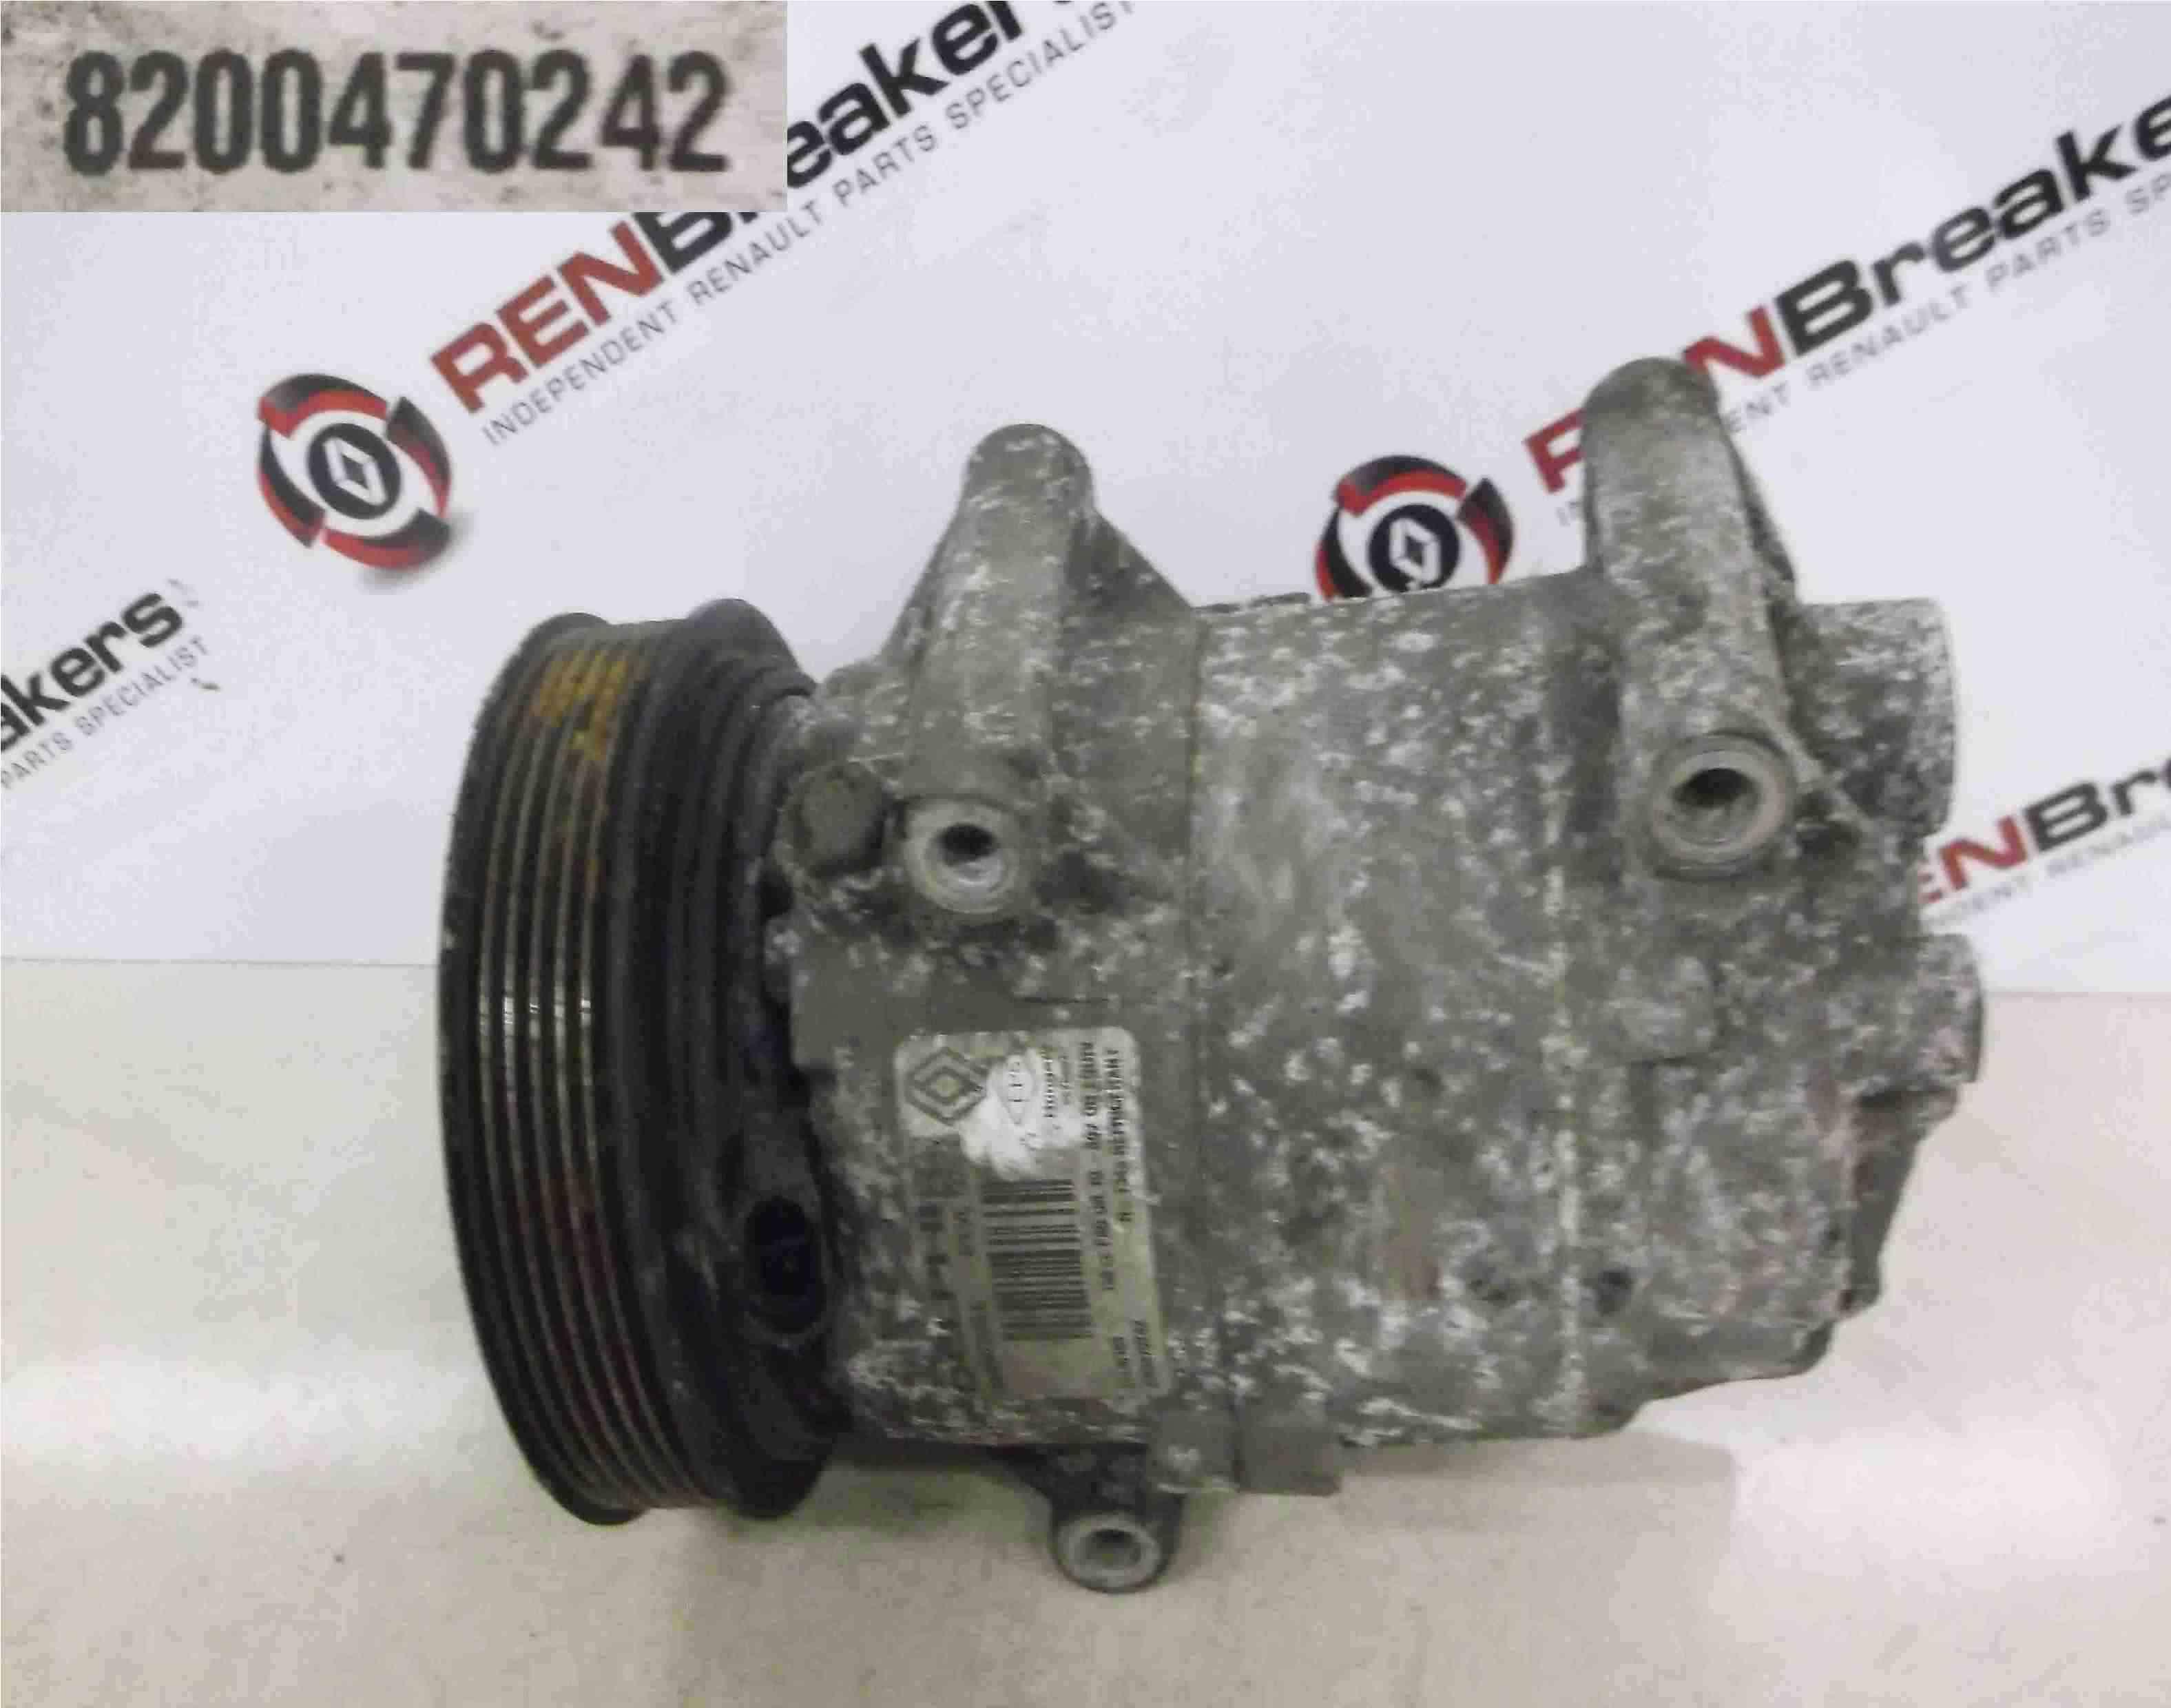 Renault Megane 2002-2008 1.6 16v 1.5 dCi Aircon Pump Compressor Unit 8200470242